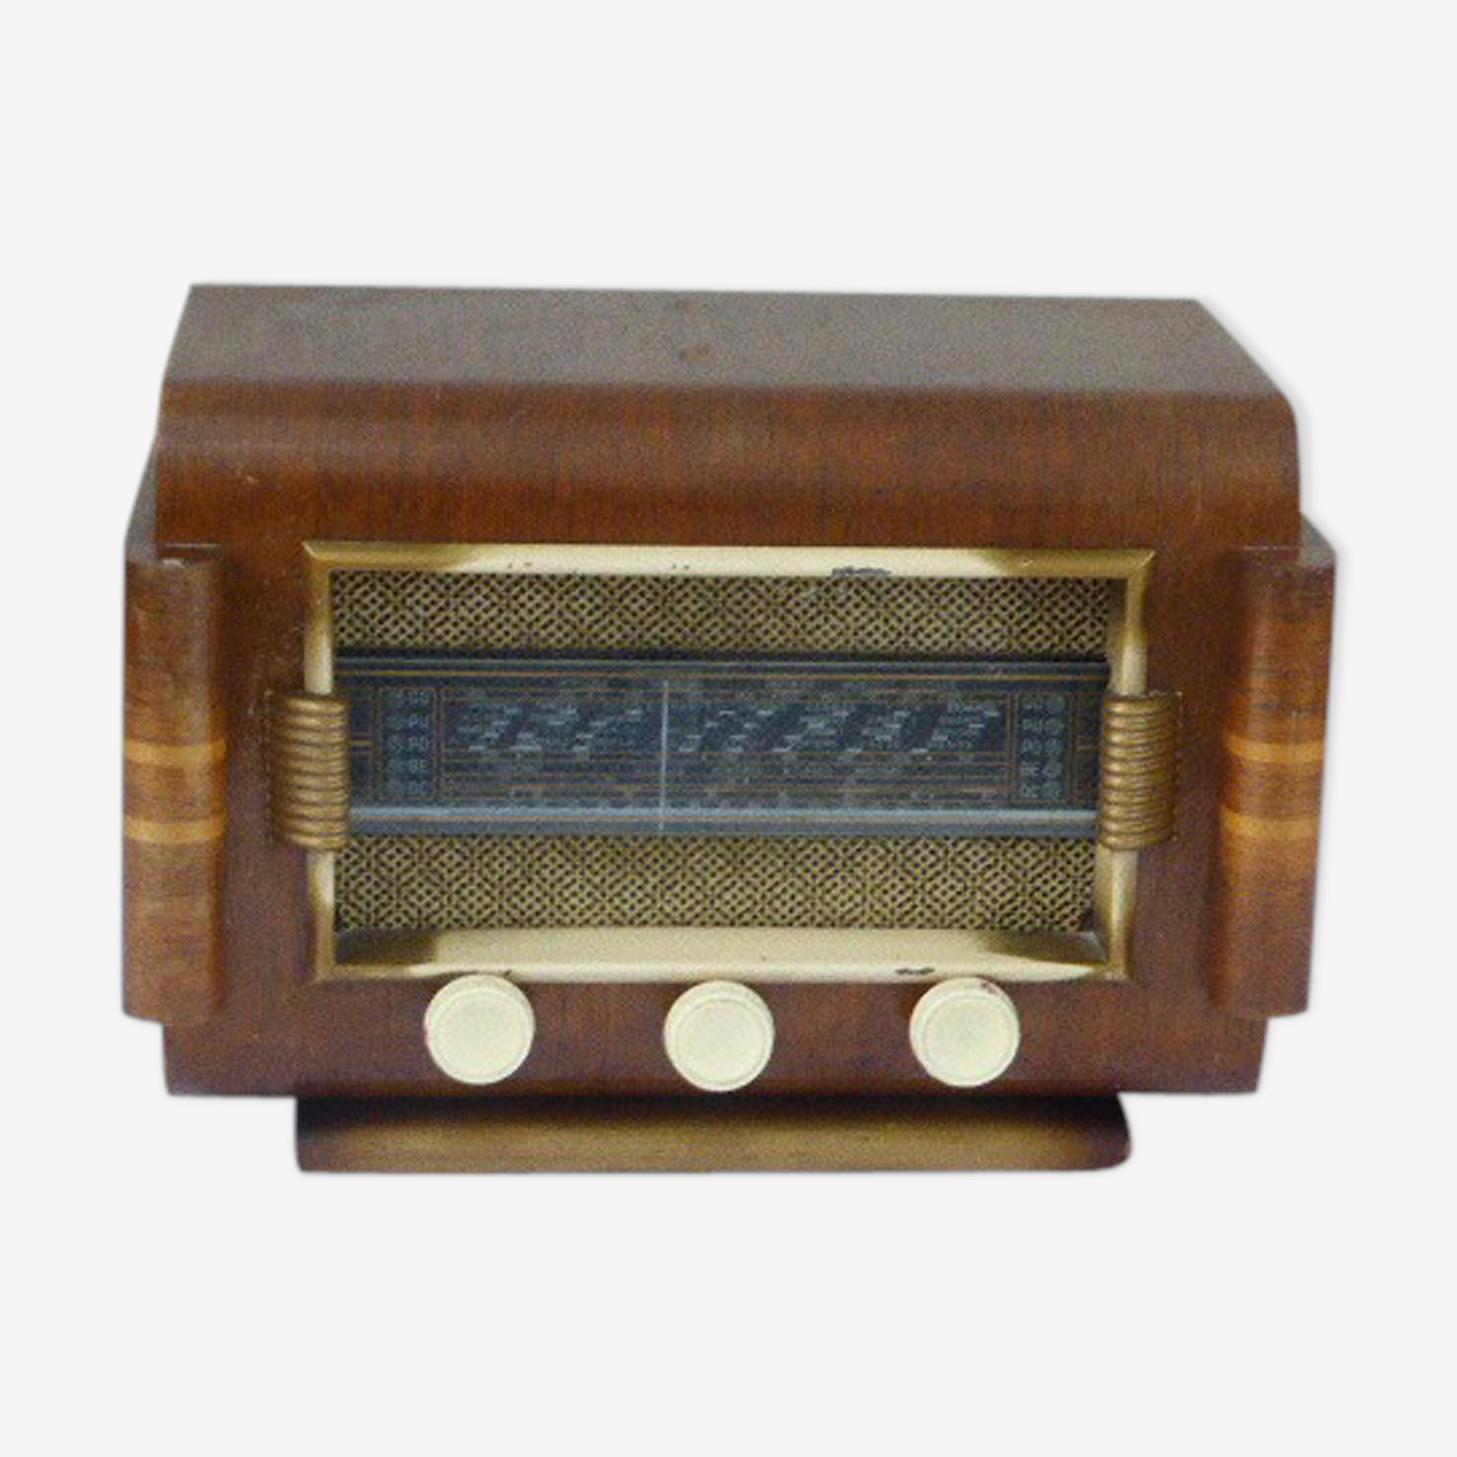 Radio in inlaid wood, vintage 1950